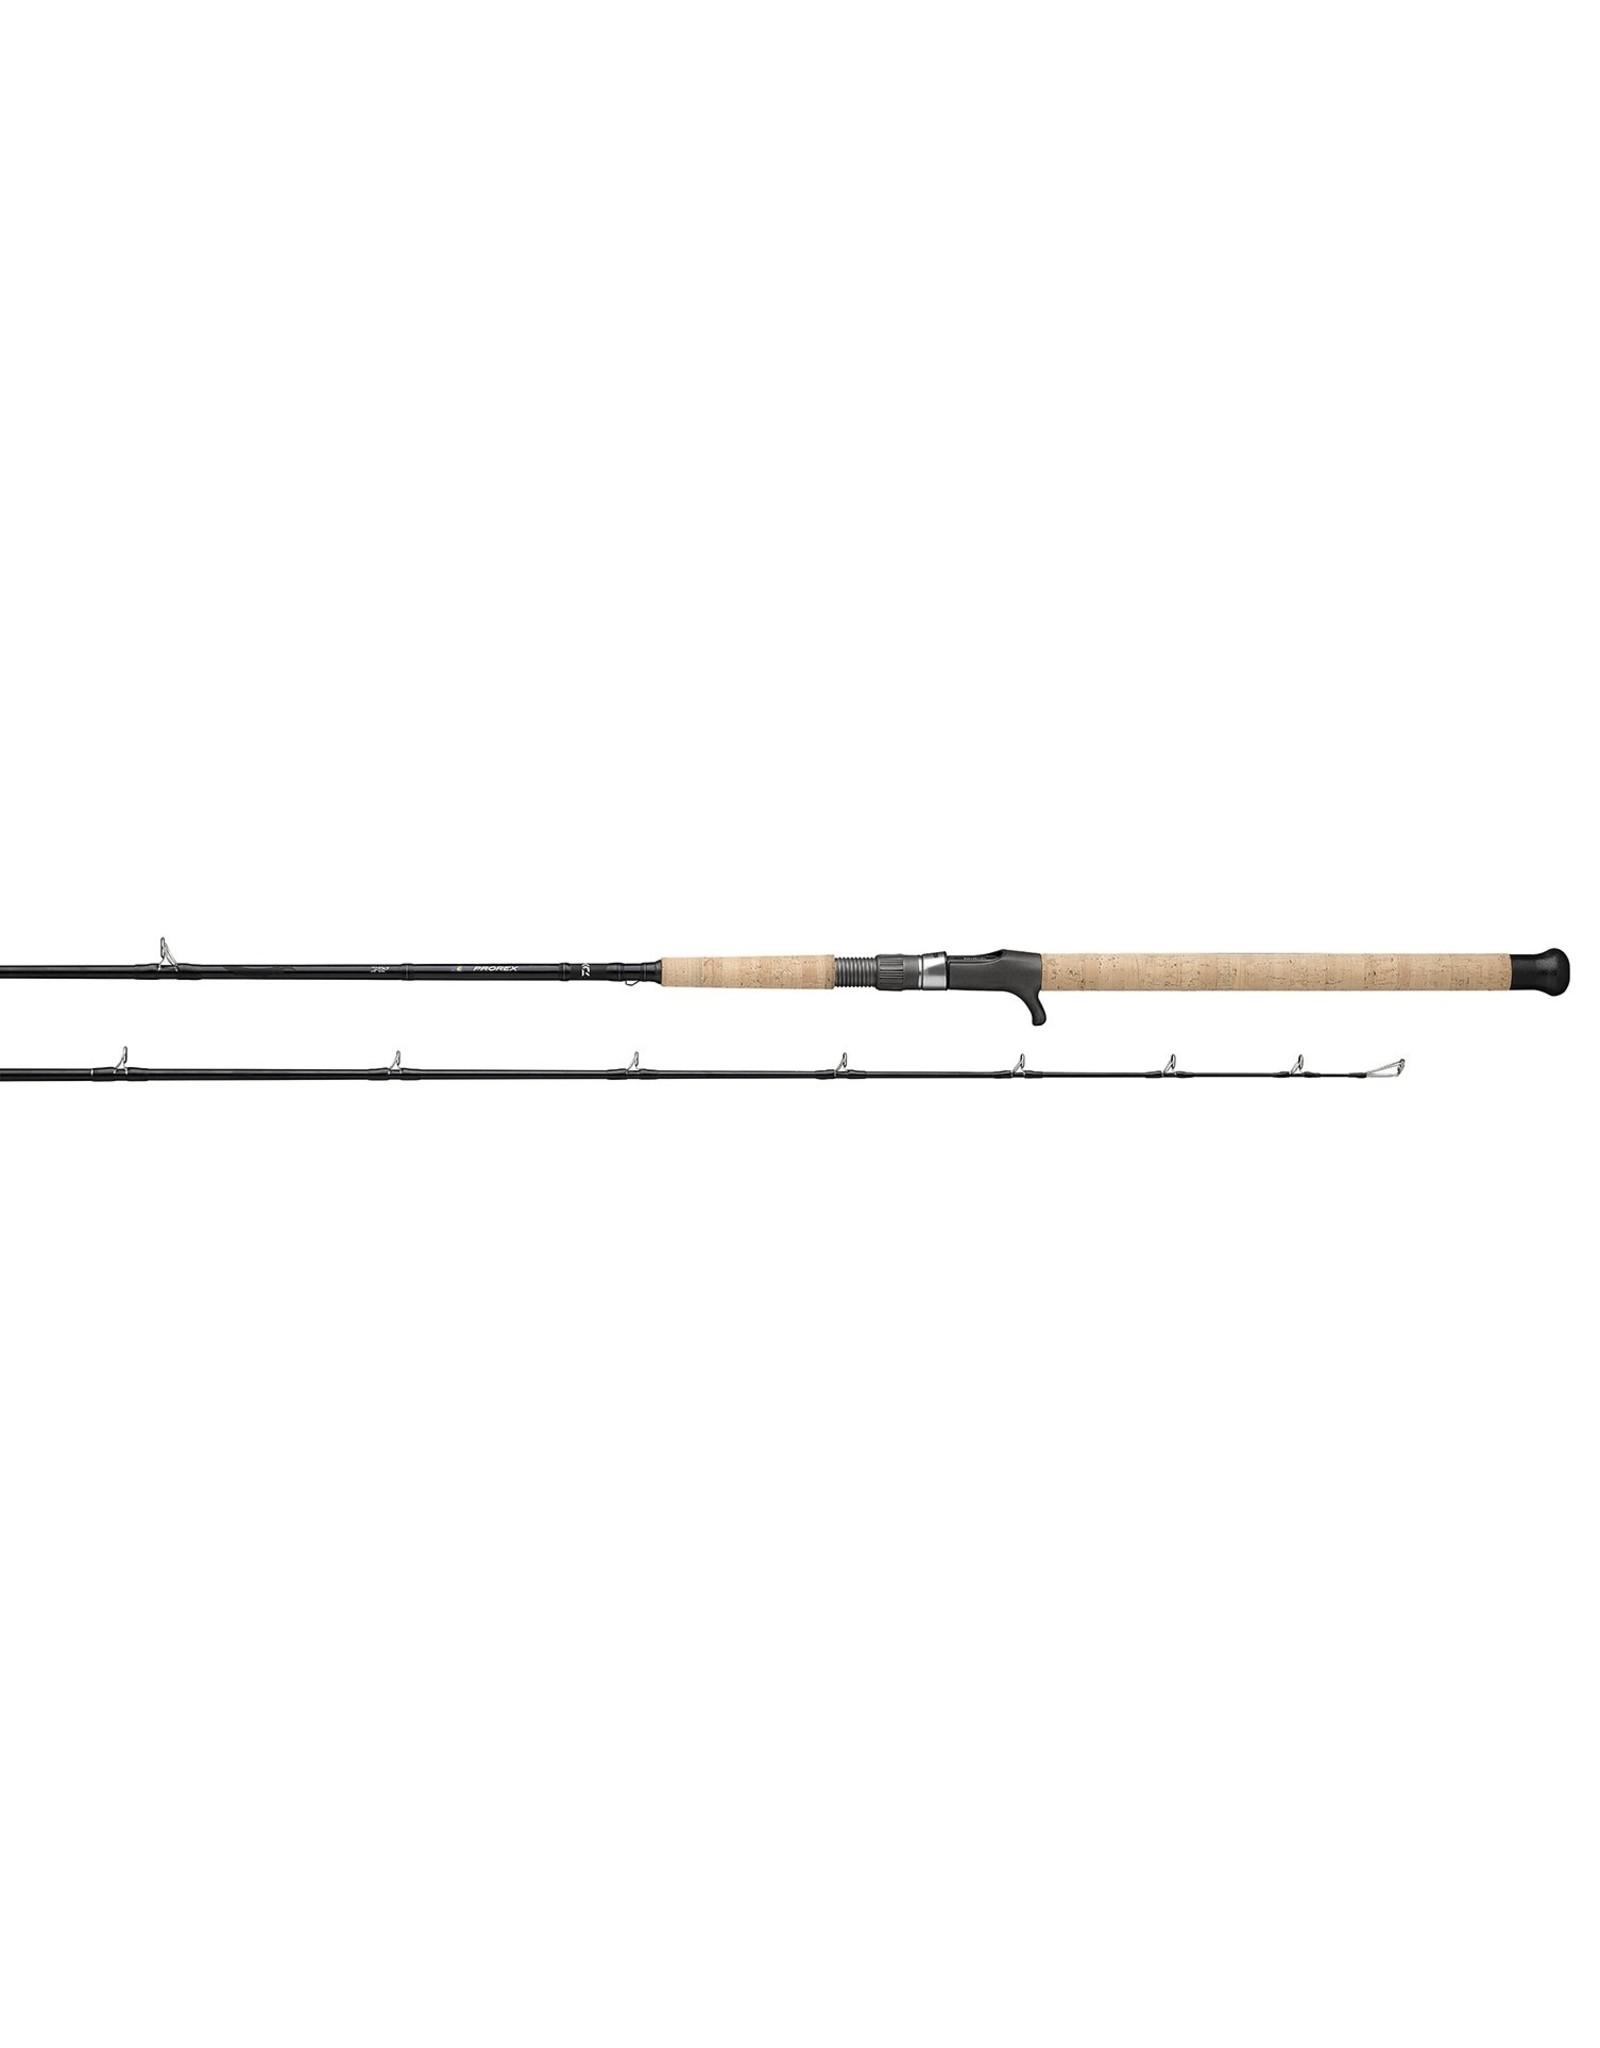 Daiwa Daiwa Prorex Casting Rod with Cork Grip